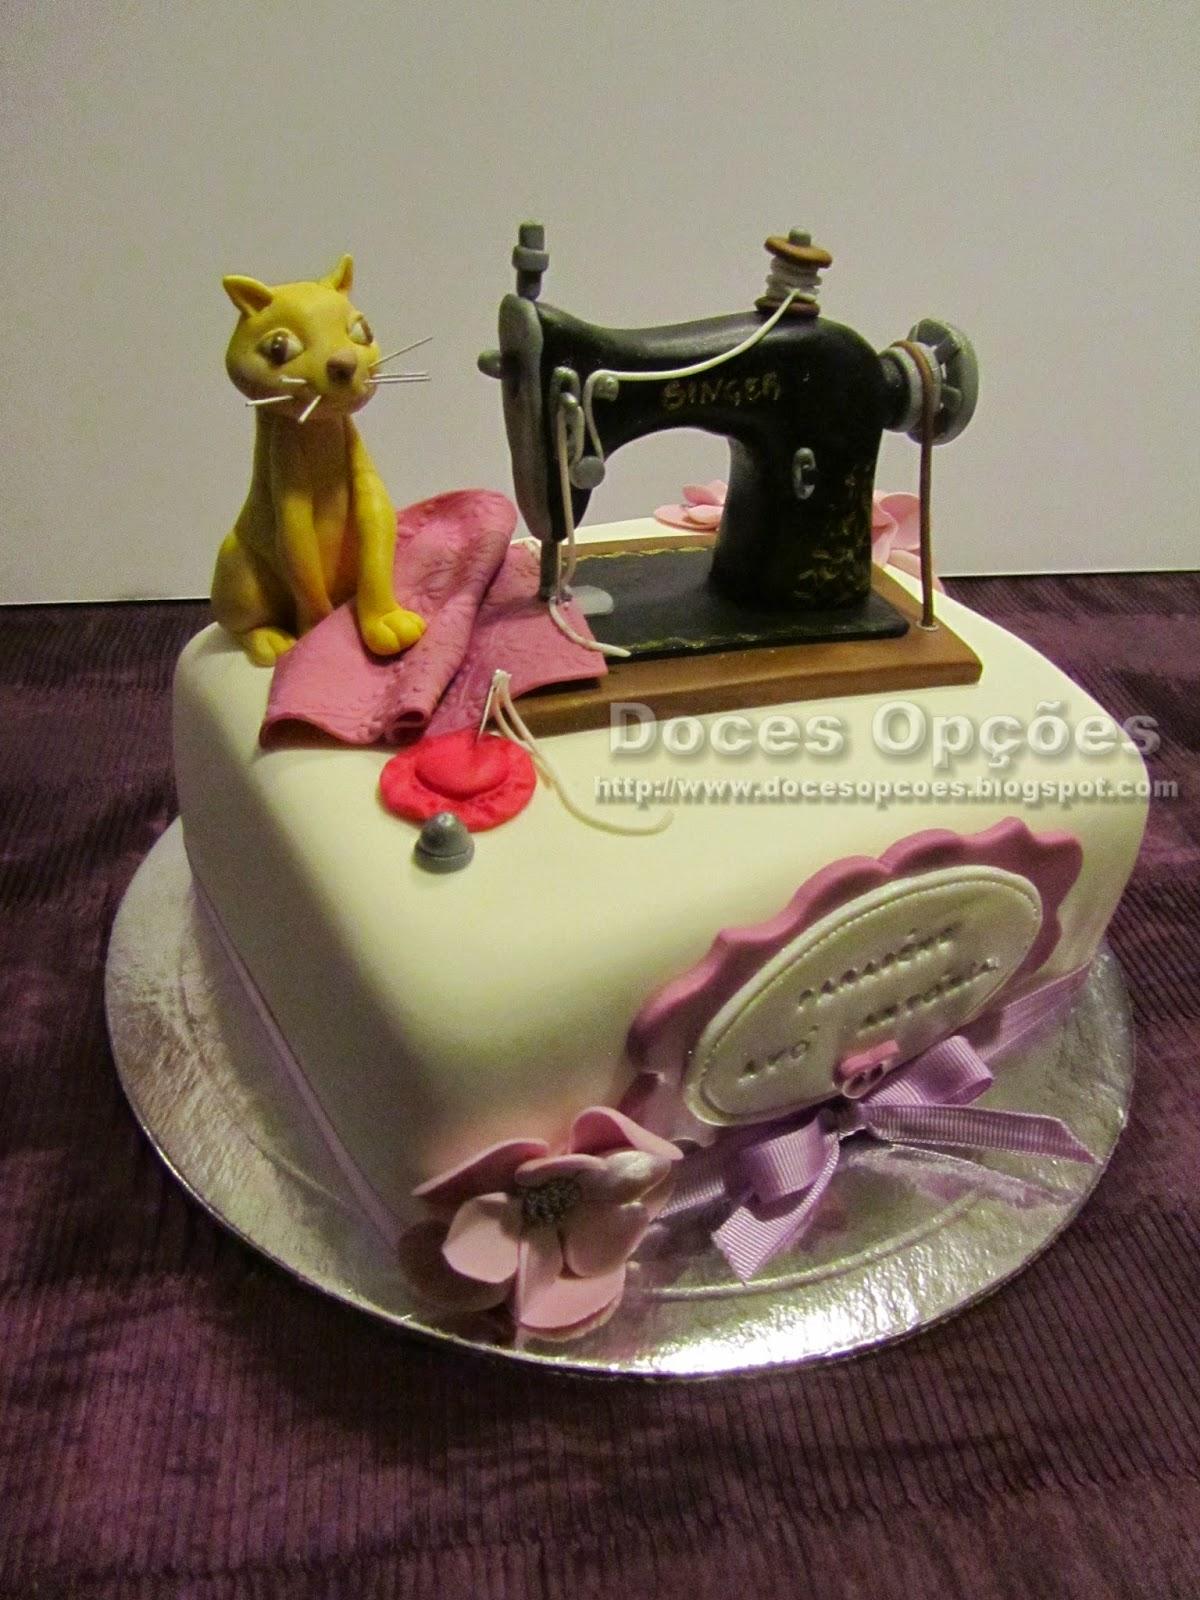 bolo com gato e maquina costura pasta açucar